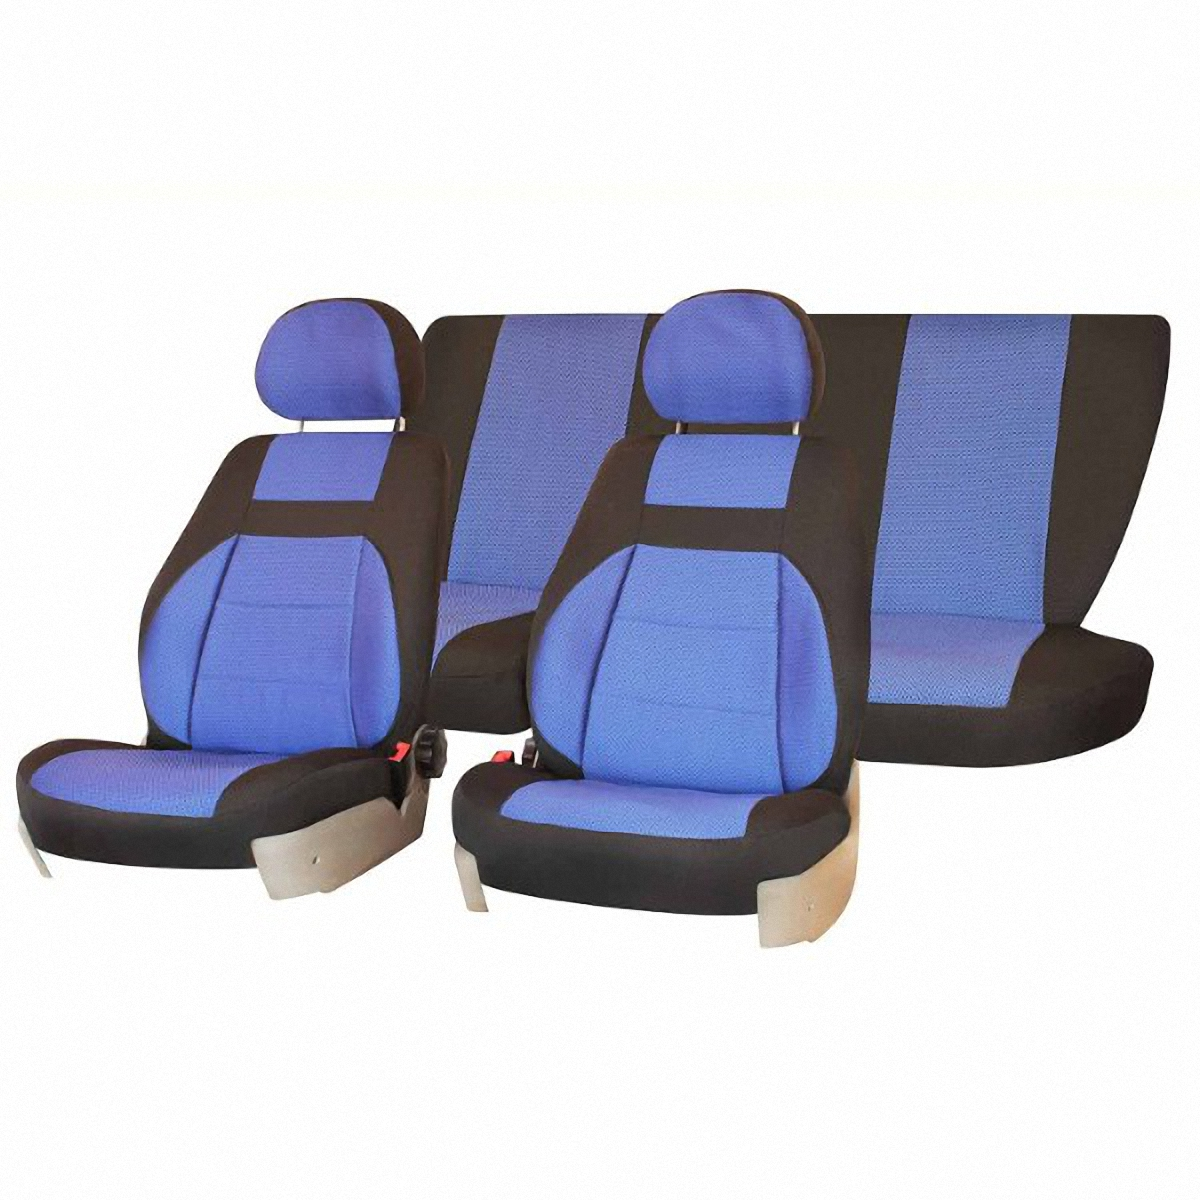 Чехлы автомобильные Skyway, для ВАЗ-2112, хэтчбекV010-D4Автомобильные чехлы Skyway изготовлены из качественного жаккарда. Чехлы идеально повторяют штатную форму сидений и выглядят как оригинальная обивка сидений. Разработаны индивидуально для каждой модели автомобиля. Авточехлы Skyway просты в уходе - загрязнения легко удаляются влажной тканью. Чехлы имеют раздельную схему надевания. В комплекте 12 предметов.